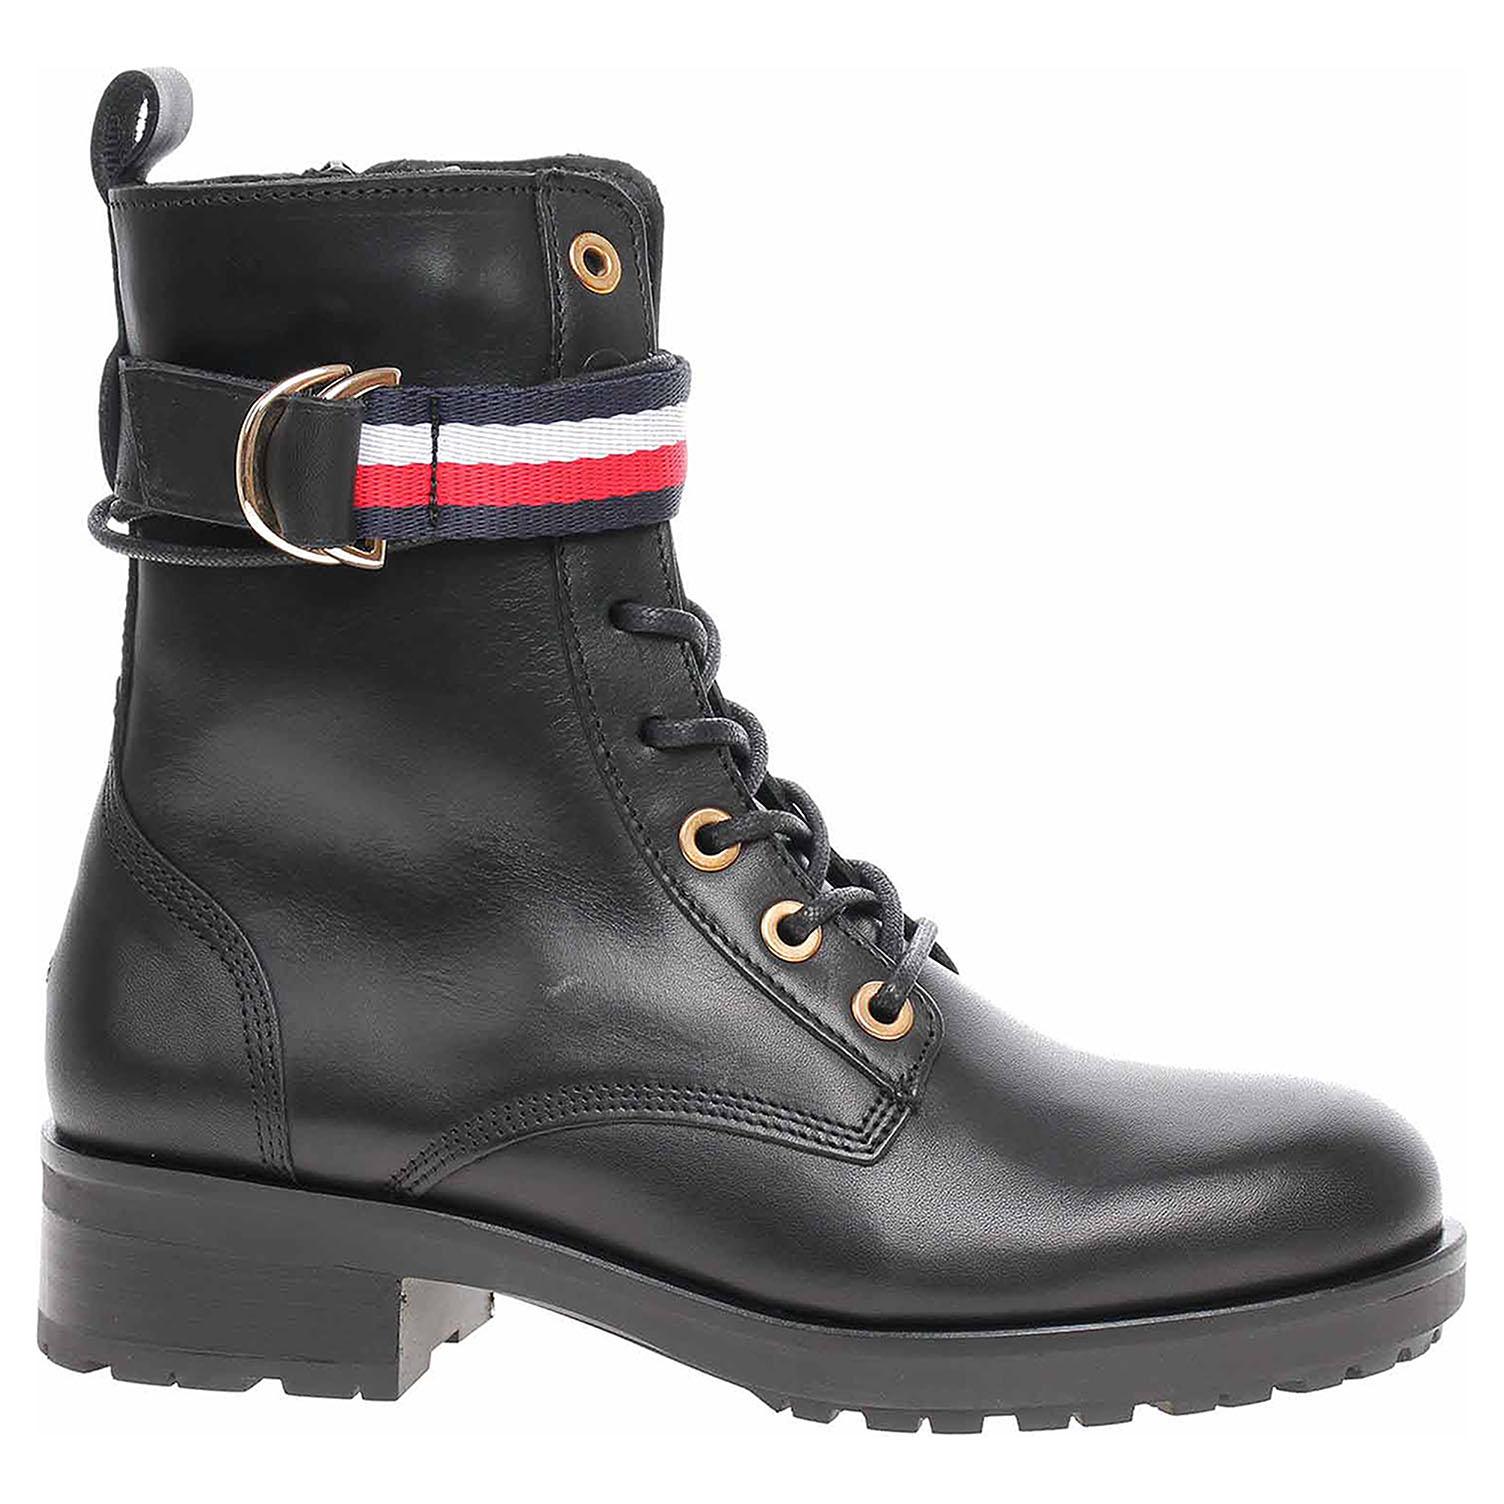 Dámská kotníková obuv Tommy Hilfiger FW0FW04326 990 black FW0FW04326 990 39